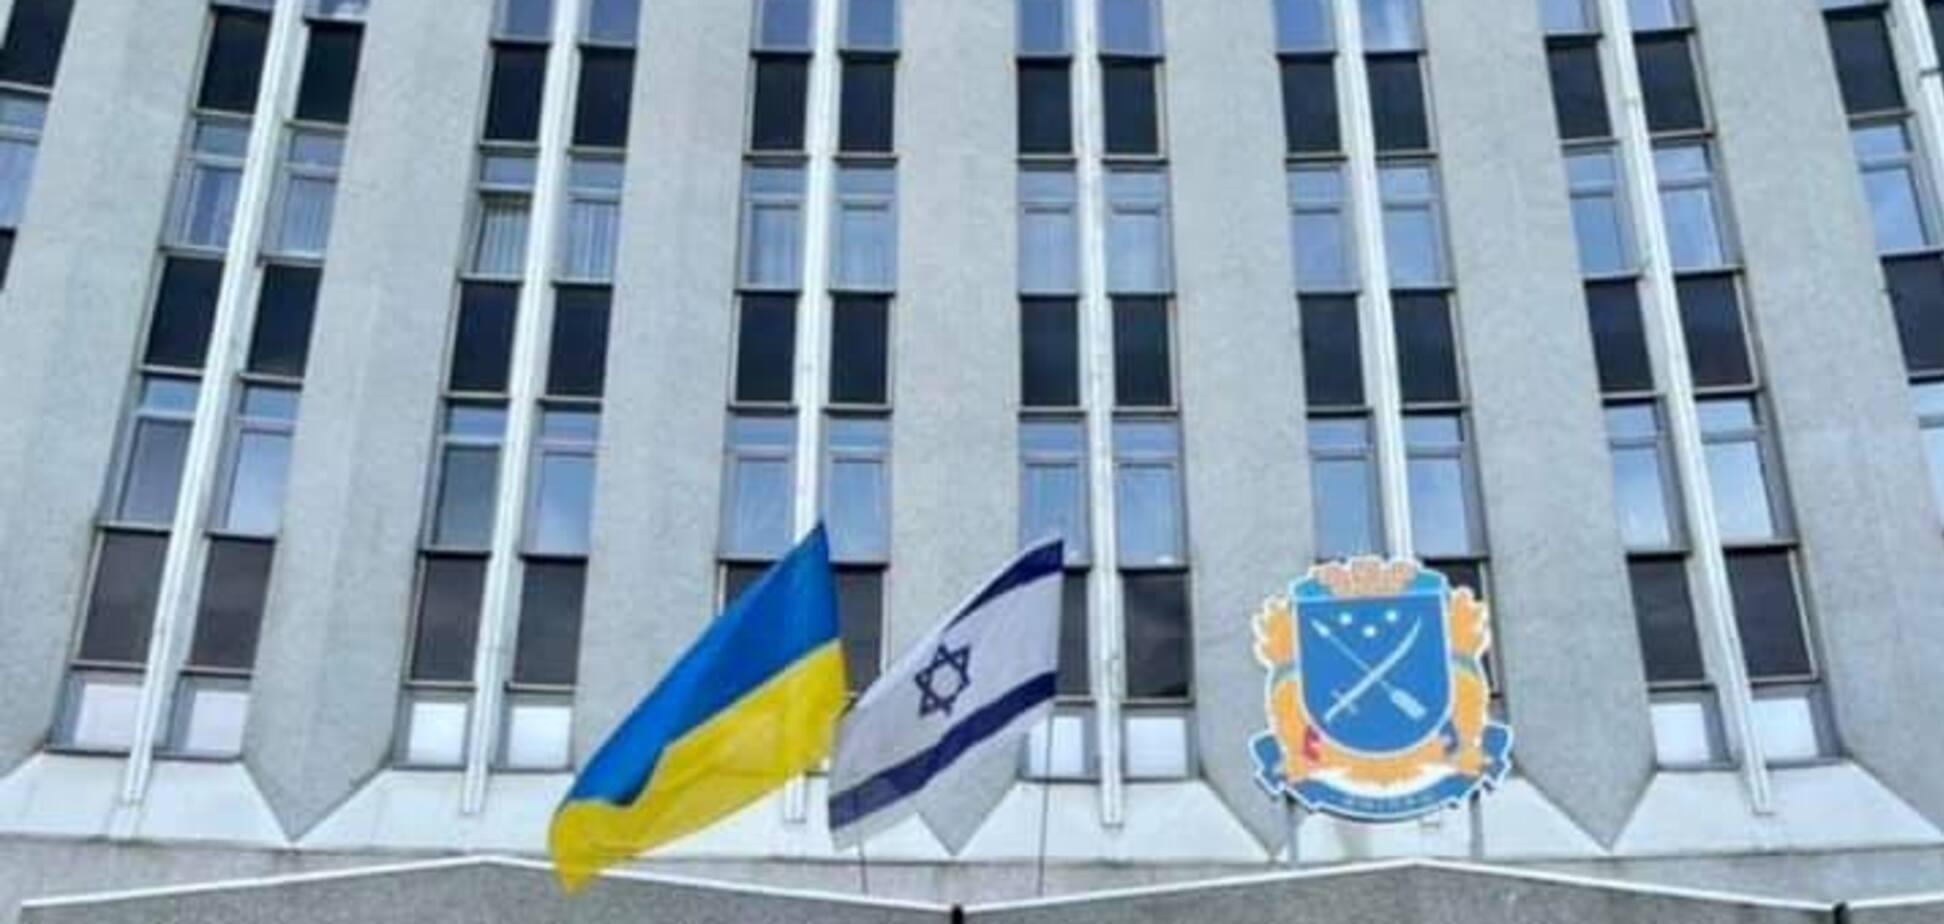 На будівлі міськради Дніпра вивісили прапор Ізраїлю